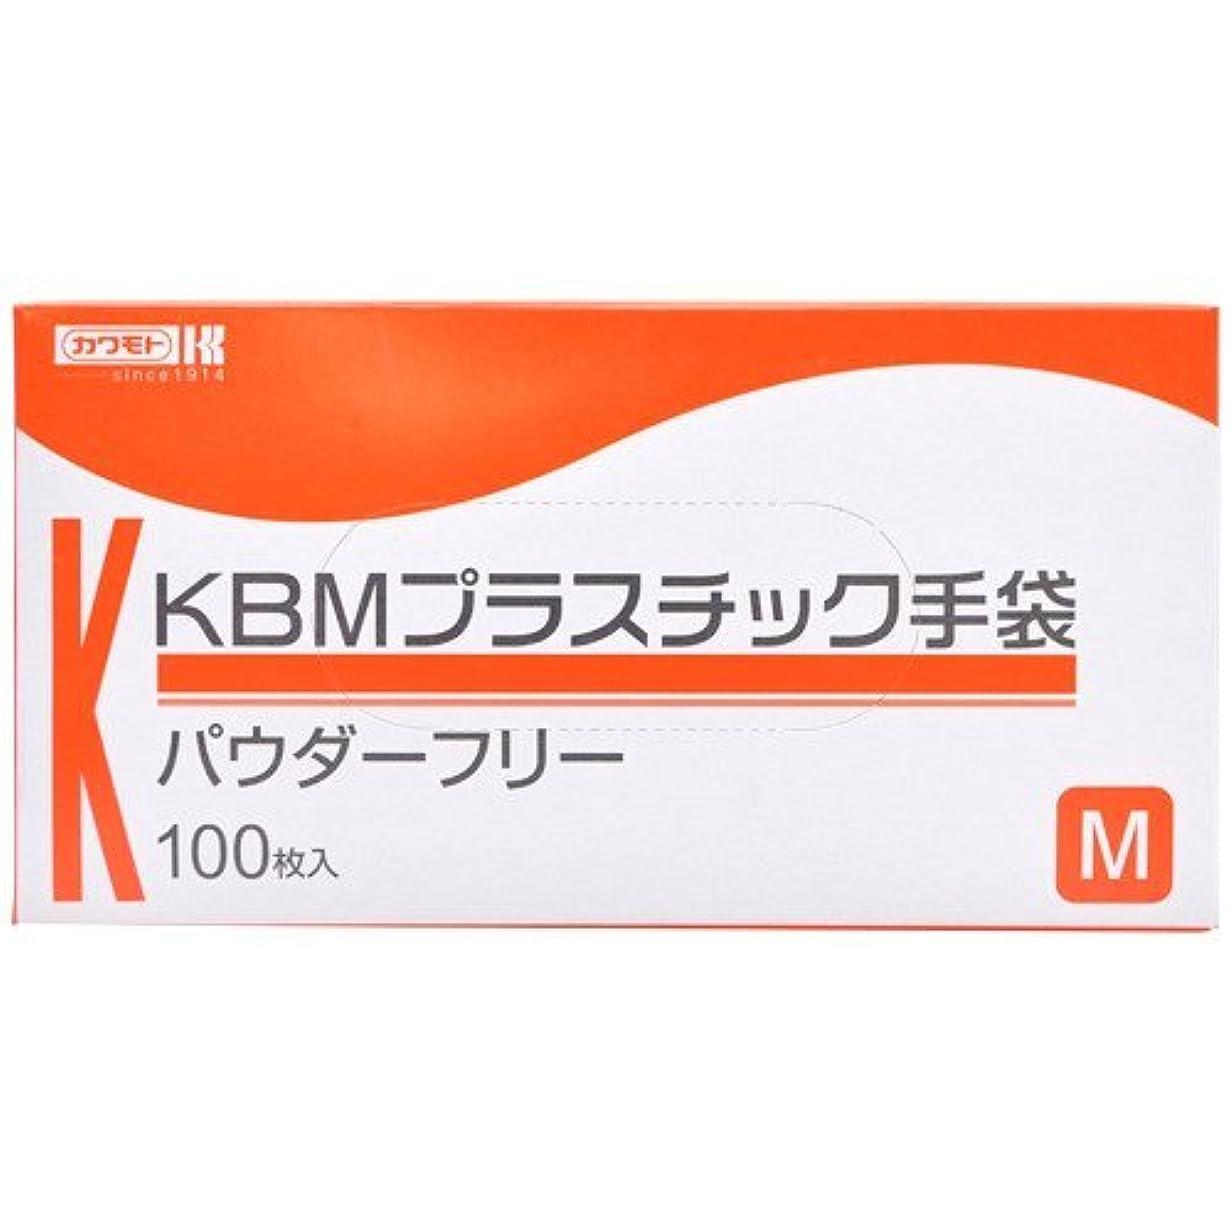 川本産業 KBMプラスチック手袋 パウダーフリー M 100枚入